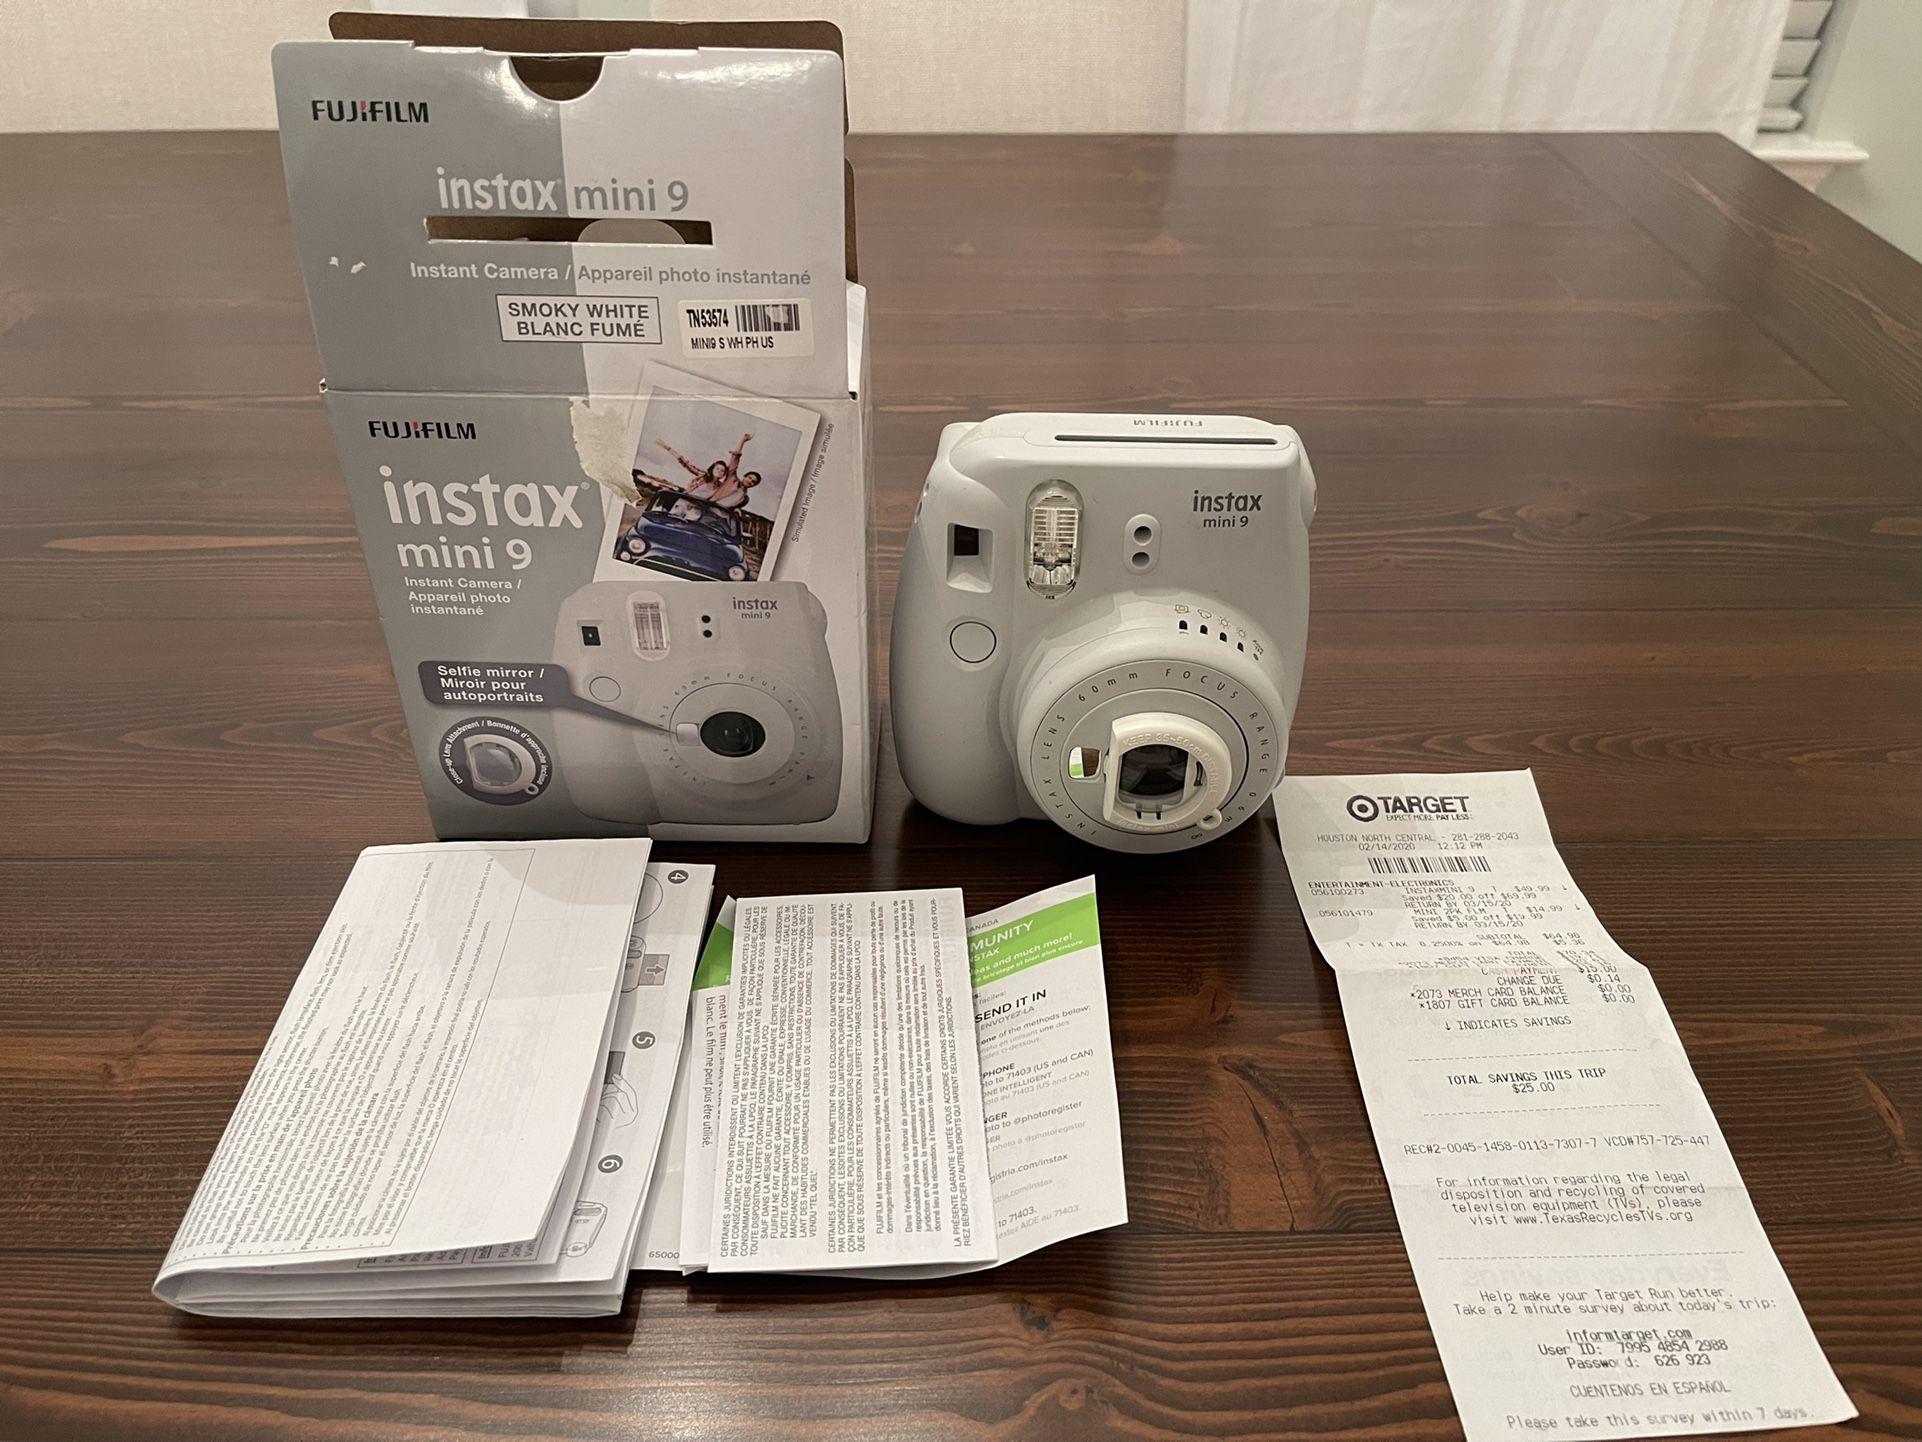 New Instax Camera